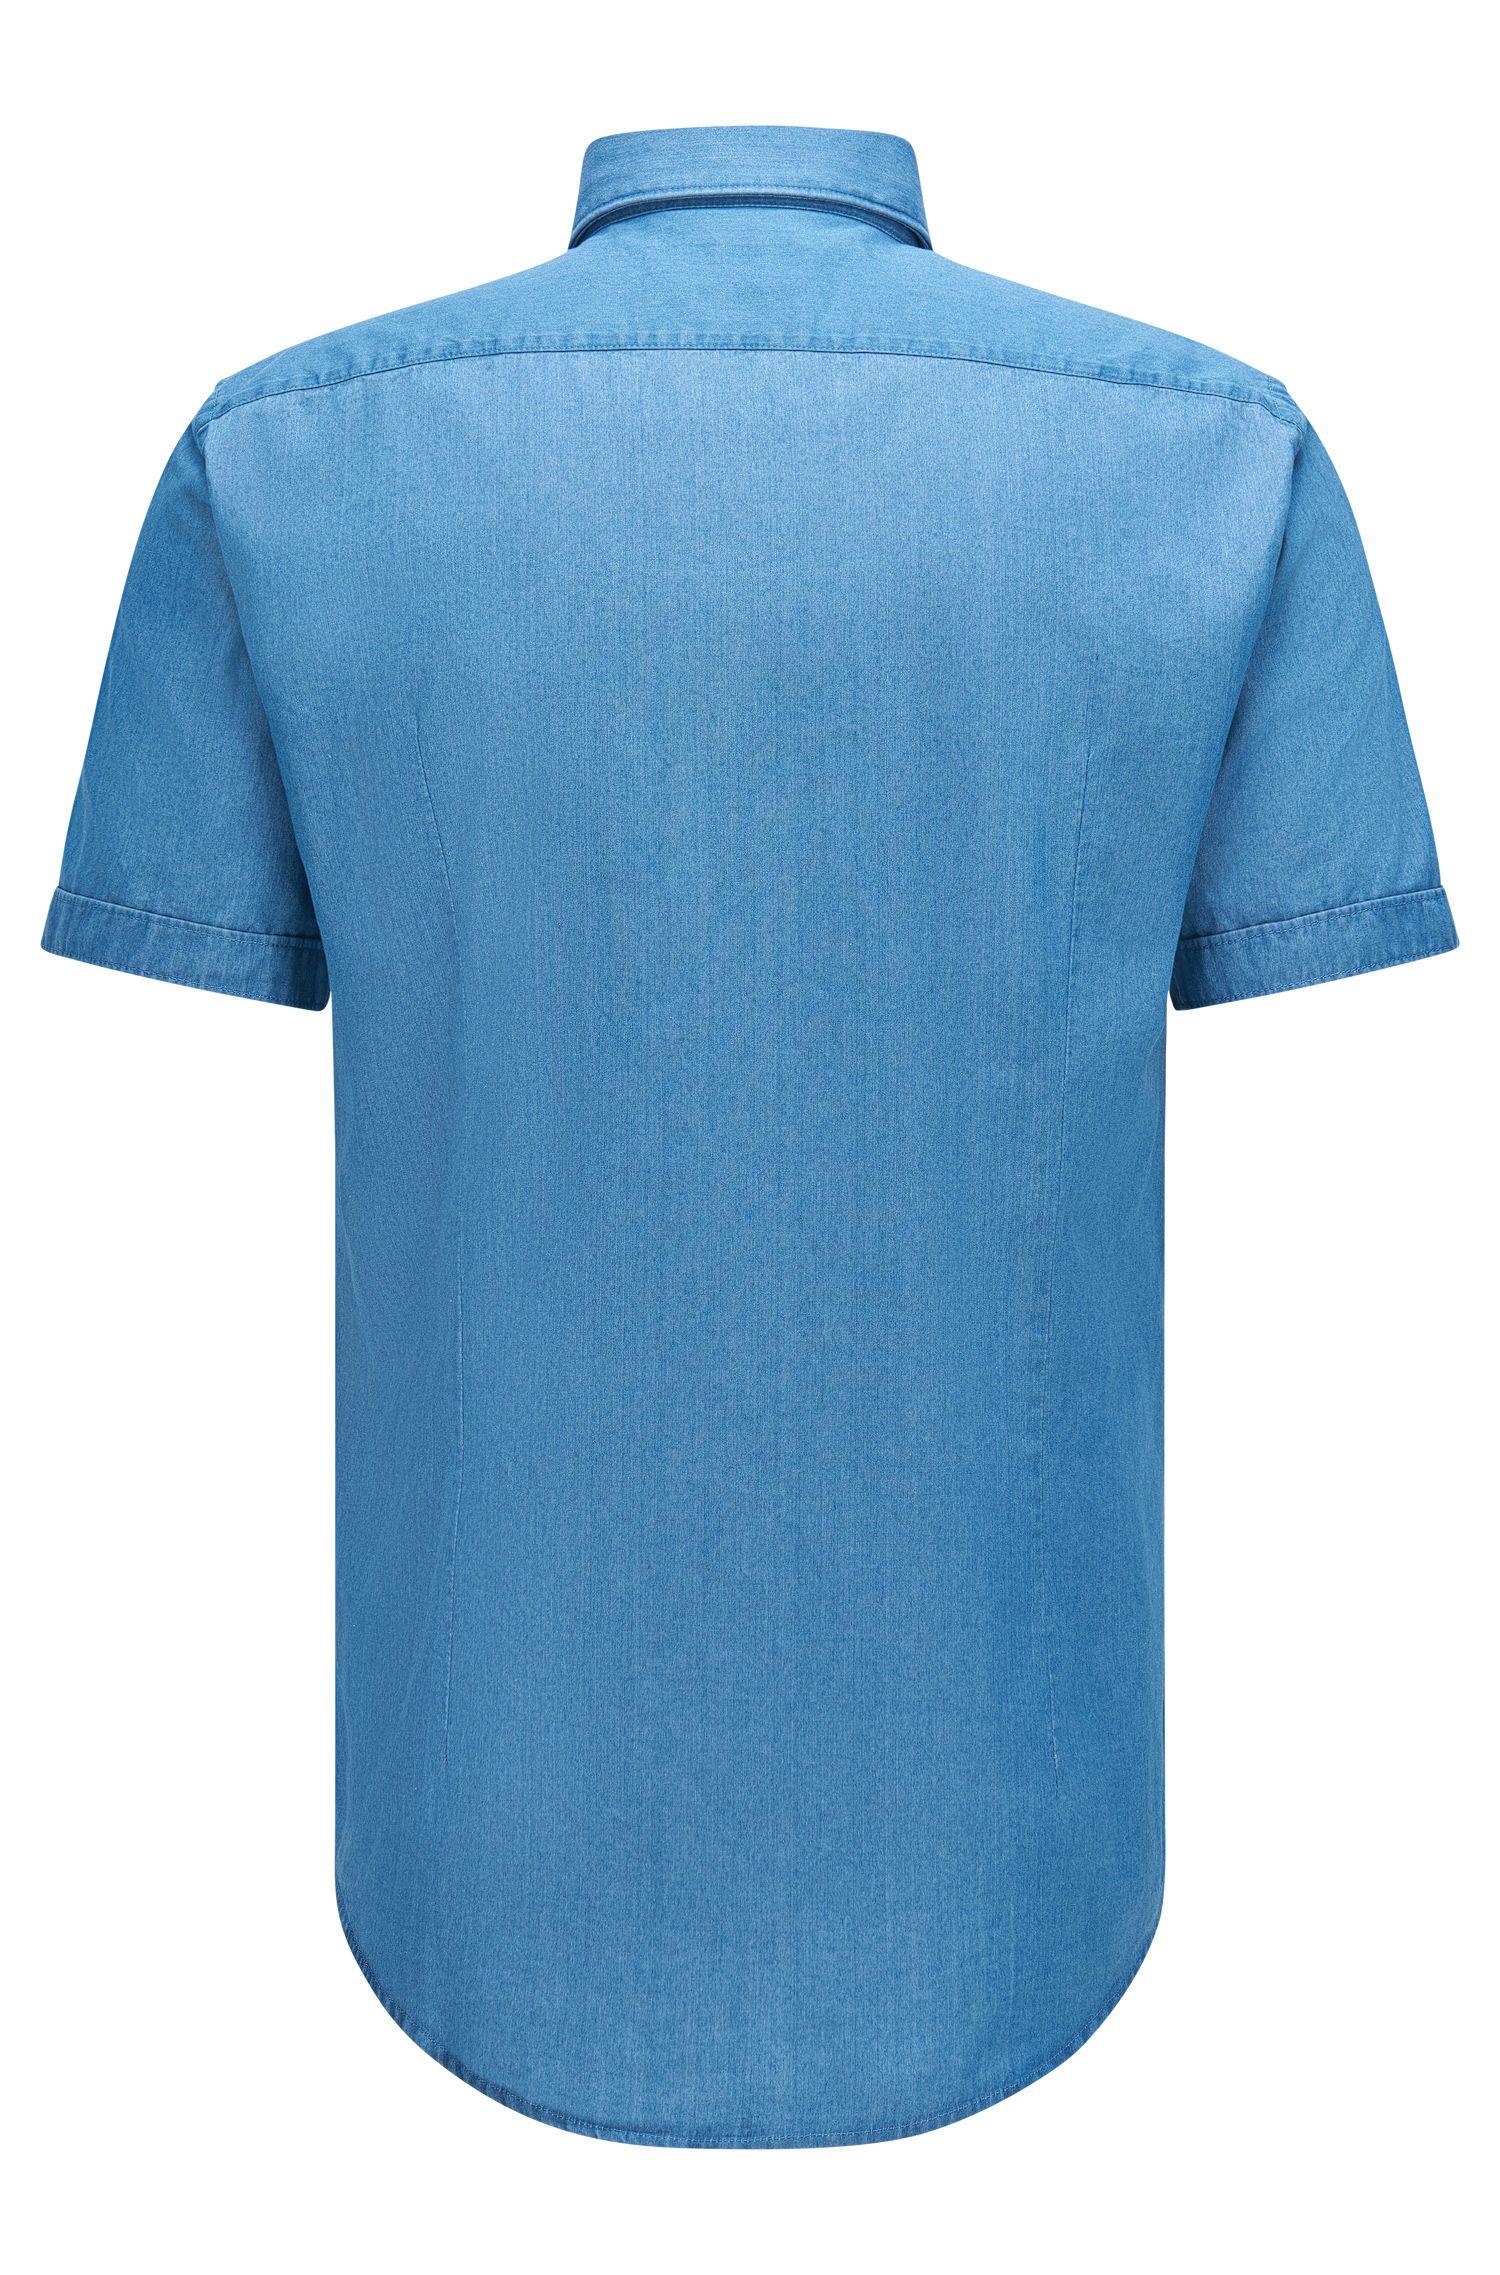 Cotton Button Down Shirt, Slim Fit | Ronn